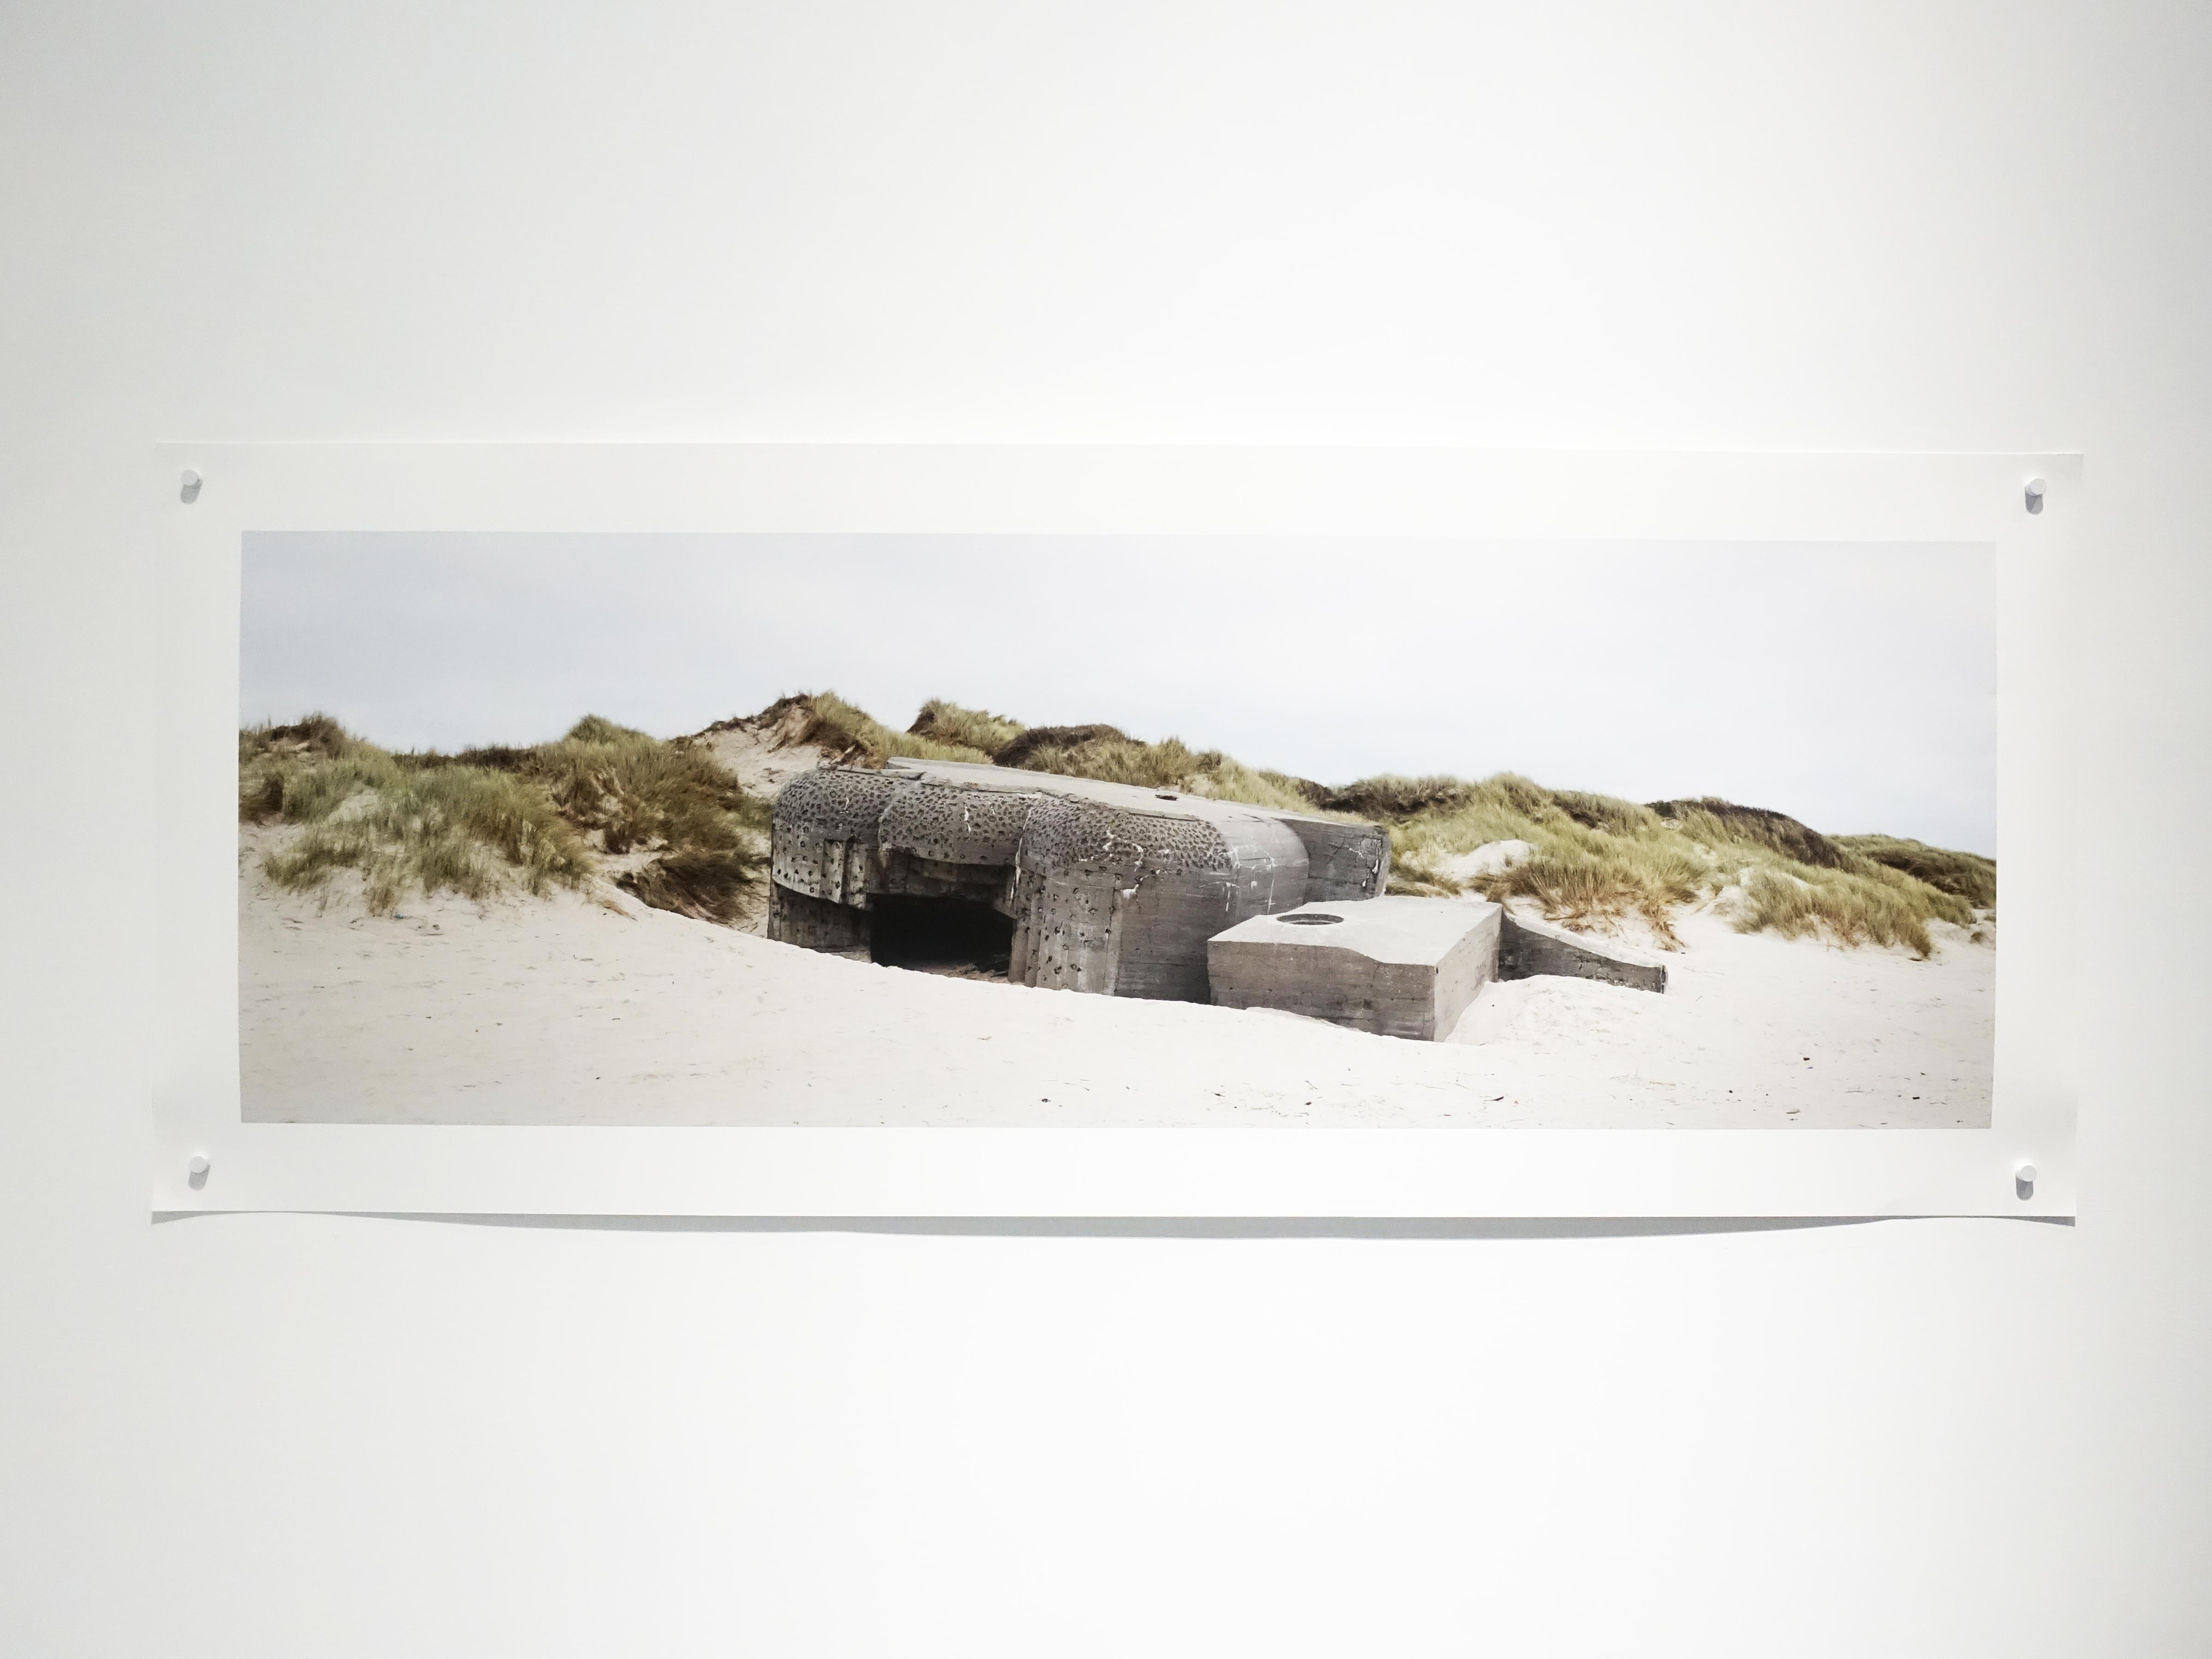 劉芸怡,《歷史造景-崩落的碉堡I》,112 X 166 cm,藝術微噴在Canson白金棉相紙,2018。